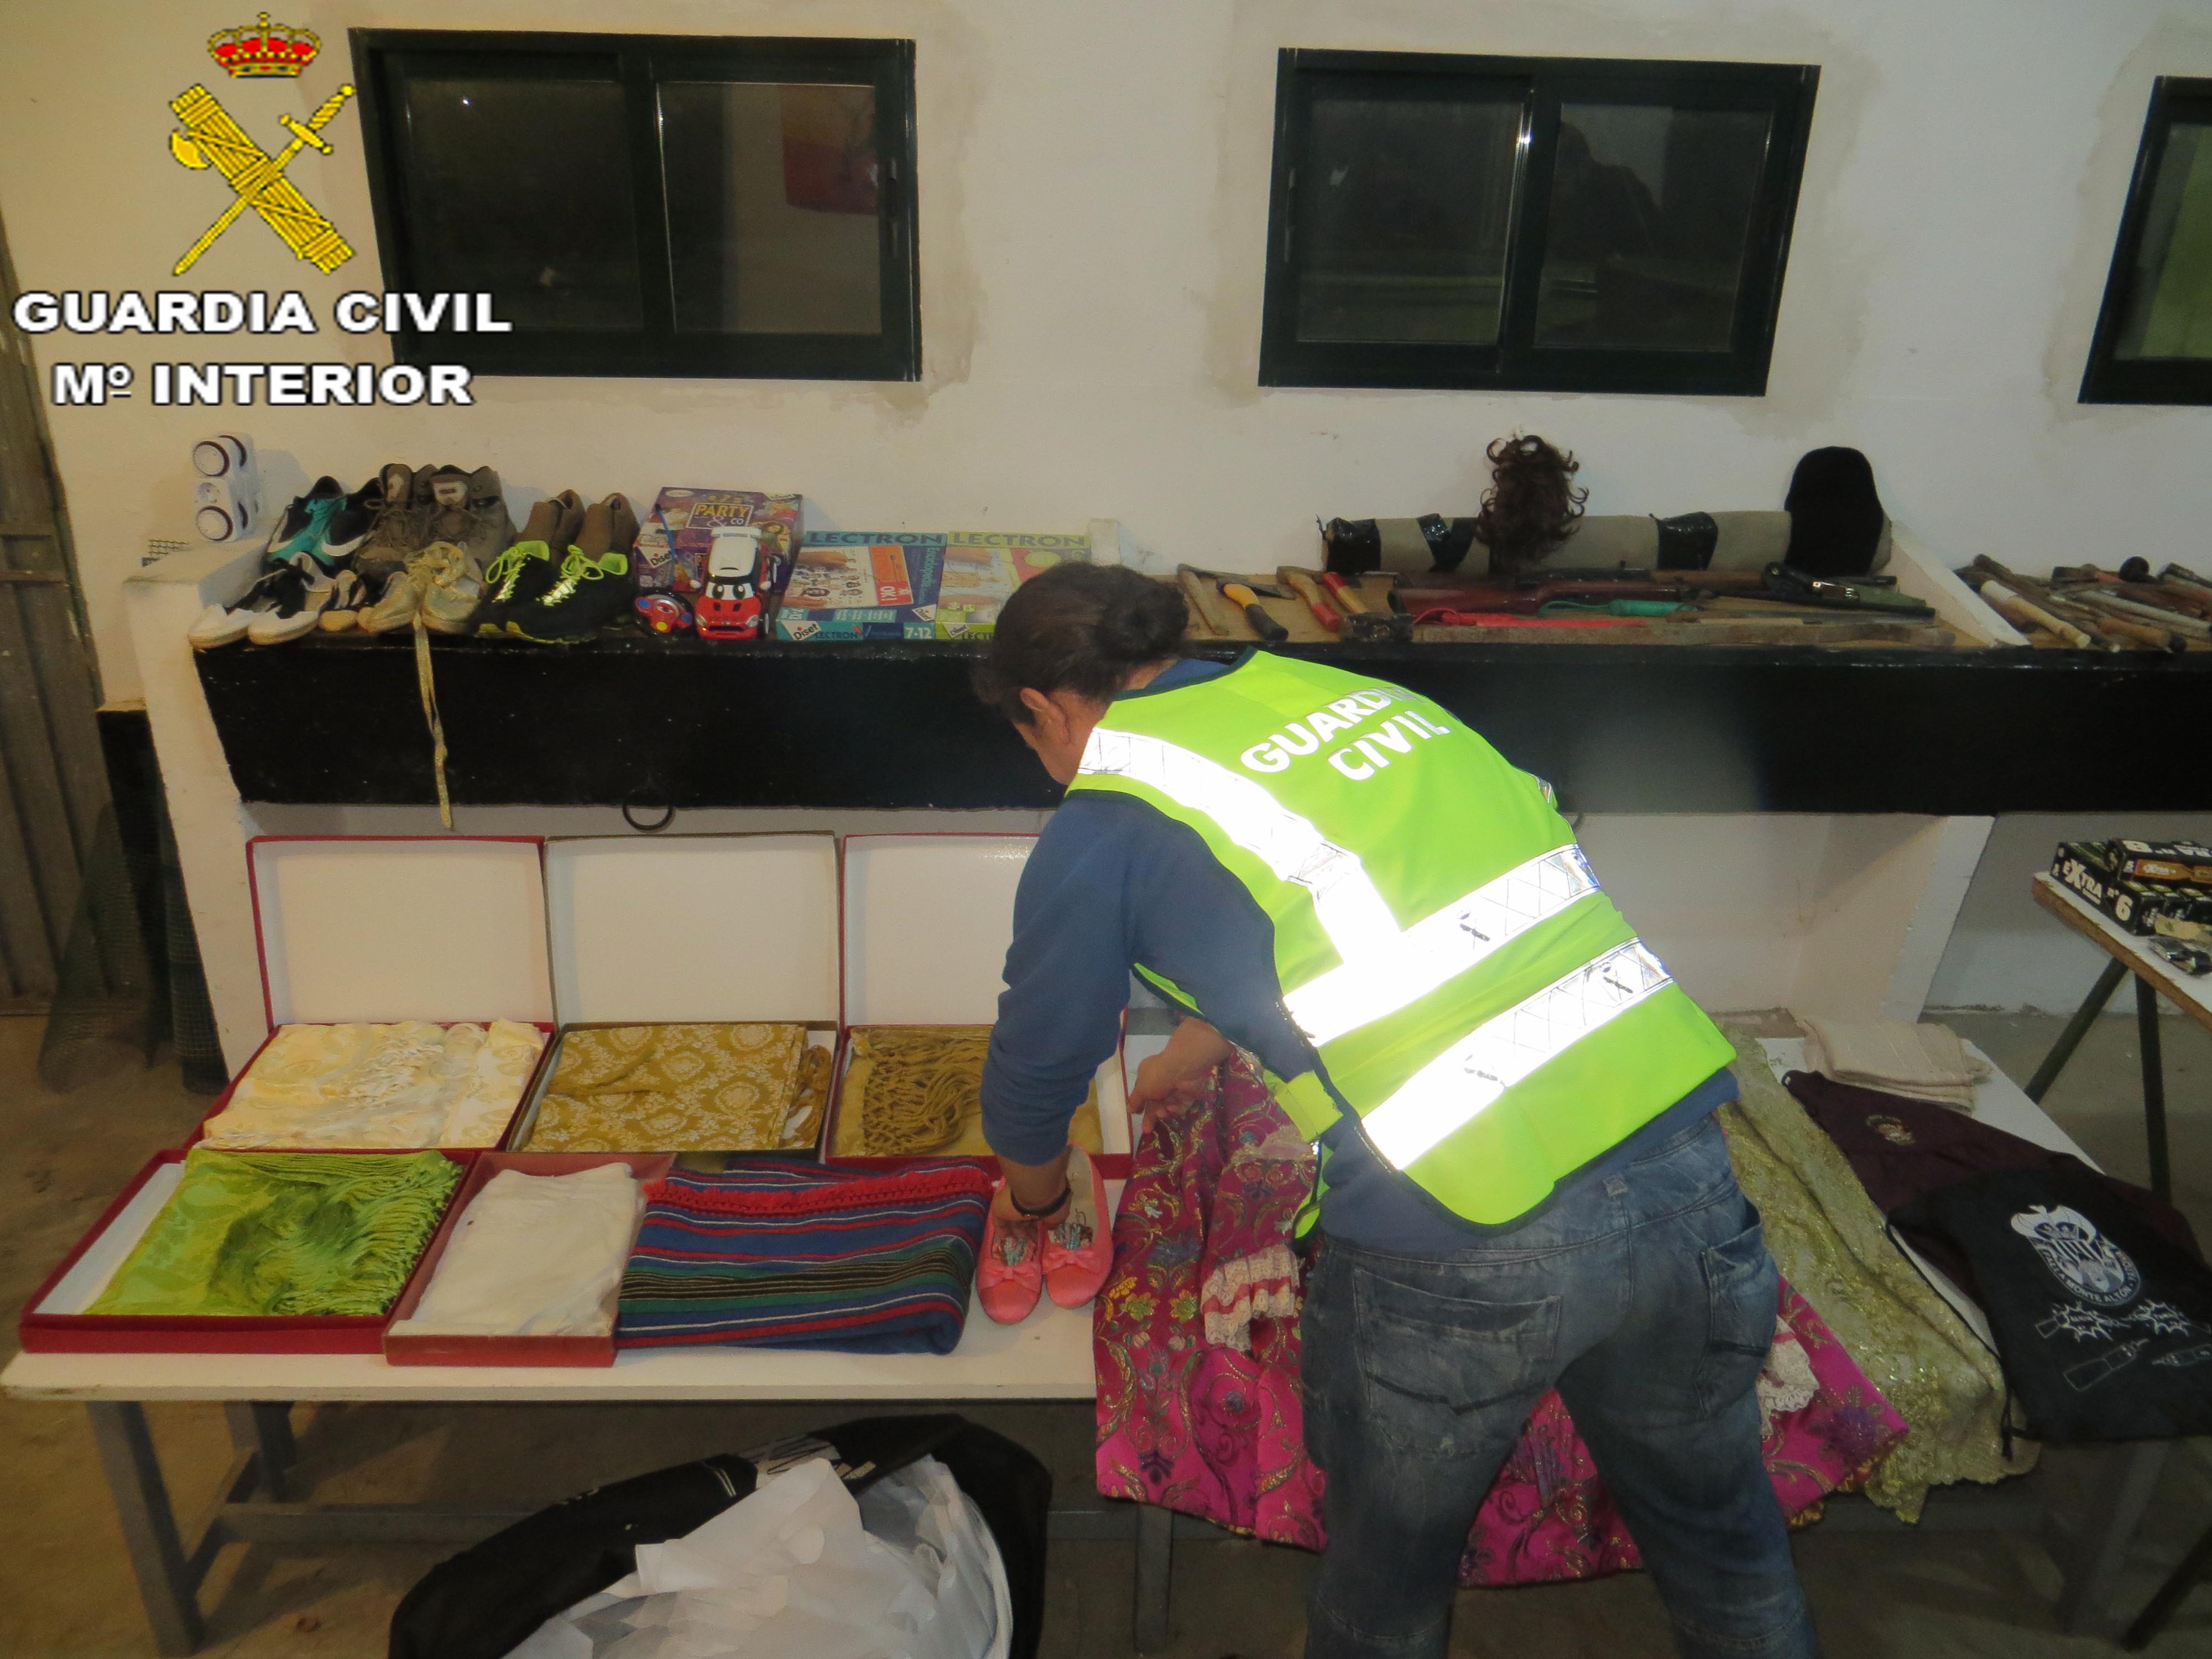 Estos hechos delictivos en las comarca de La Hoya de Buñol-Chiva han quedado resueltos con la detención y posterior entrada en prisión del autor de estos hechos.